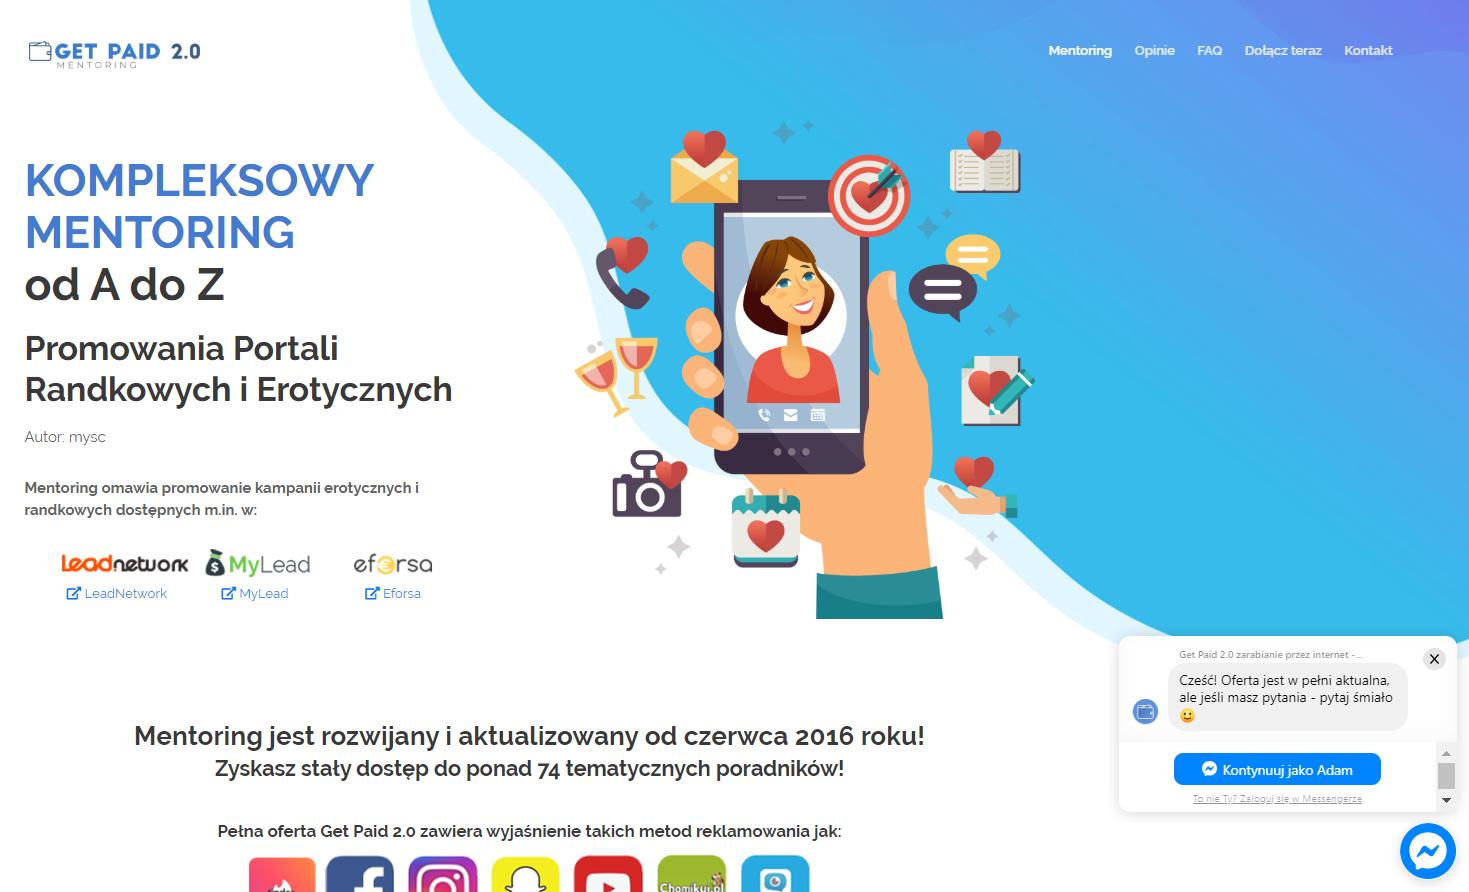 Obrazek - Landing Page przykład 1 - getpaid20.pl